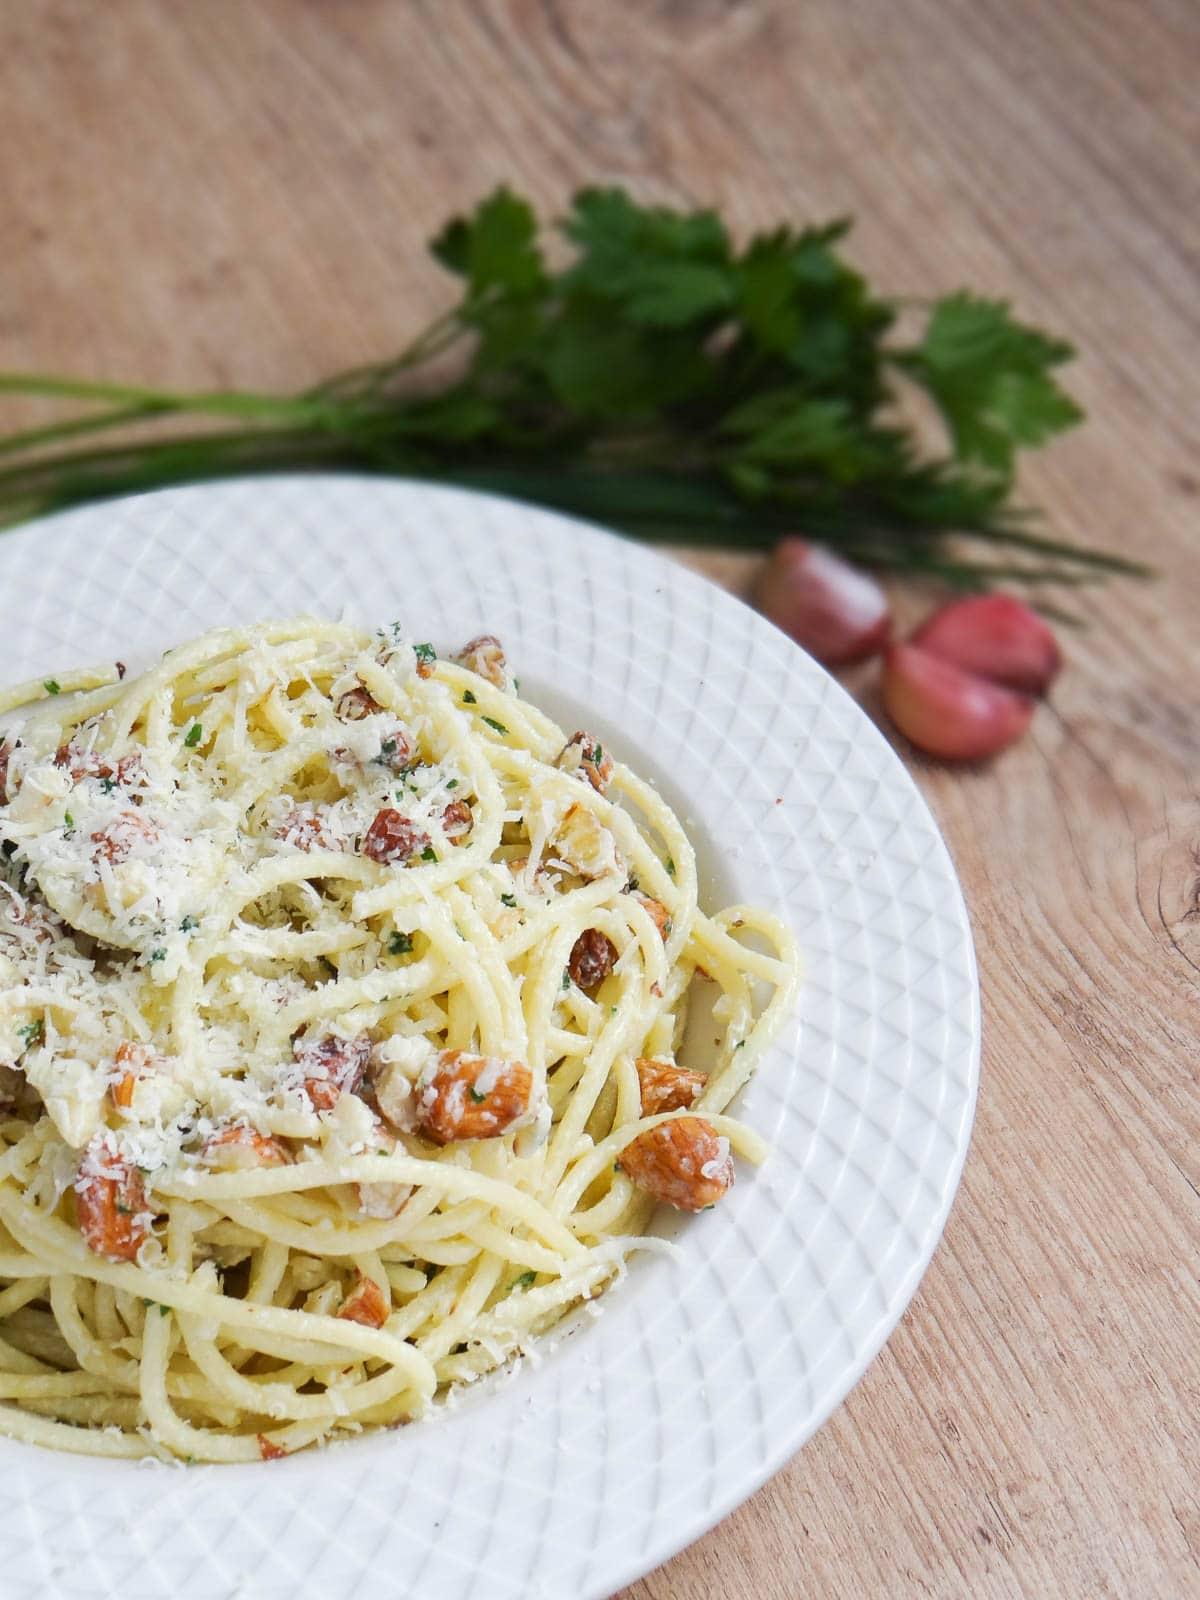 Spaghetti with Creamy Aglio e Olio (Garlic and Oil) and Almonds recipe